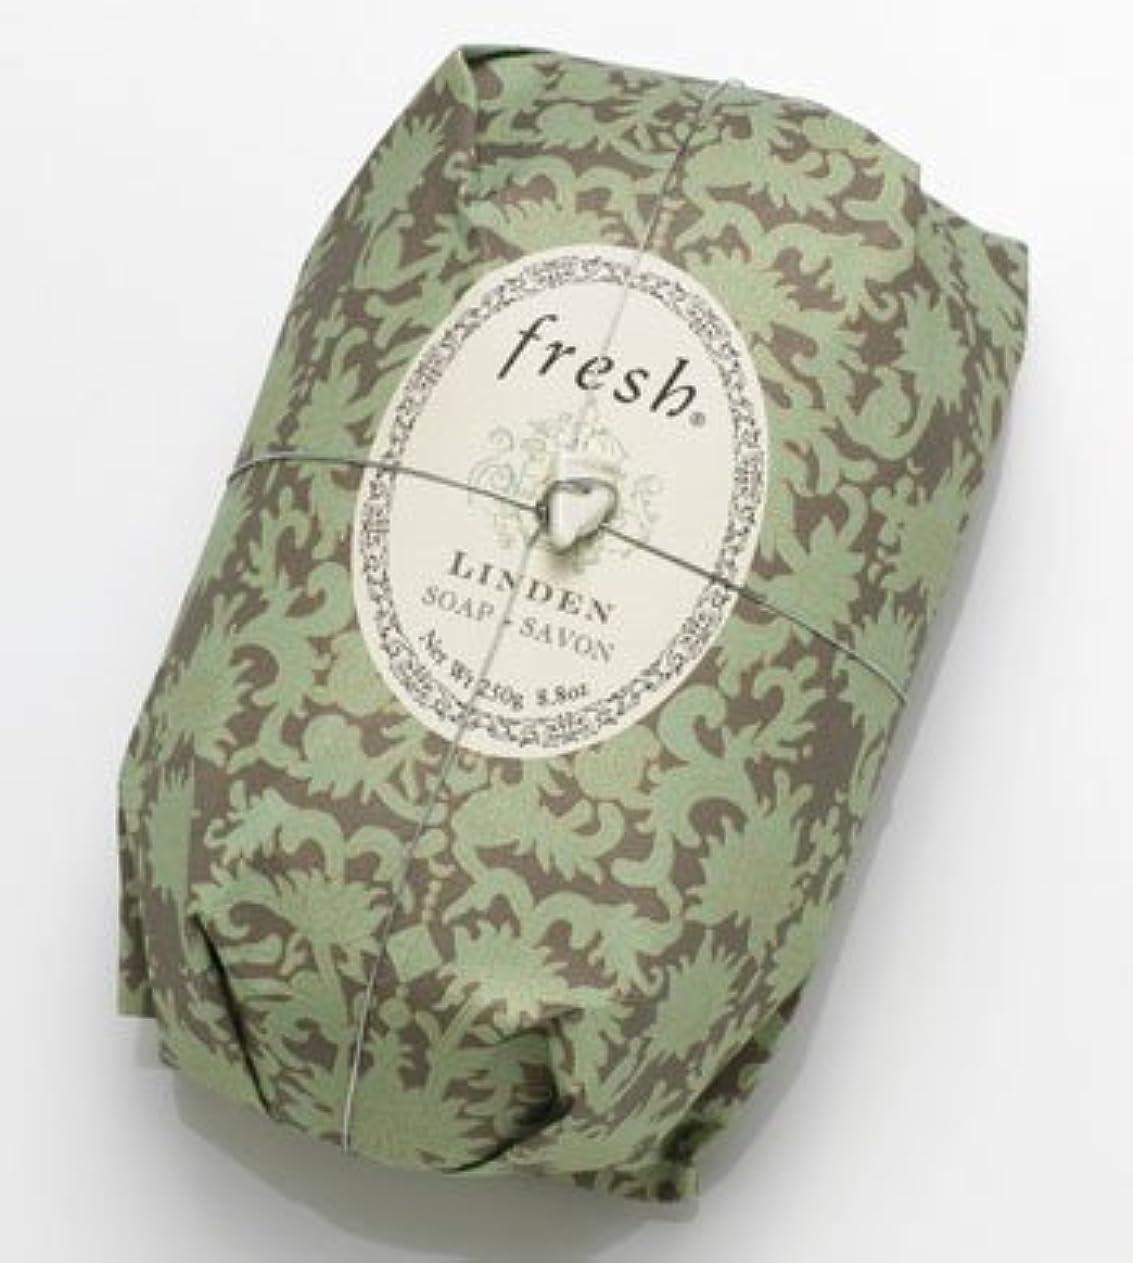 お風呂フィルタシマウマFresh LINDEN SOAP (フレッシュ リンデン ソープ) 8.8 oz (250g) Soap (石鹸) by Fresh